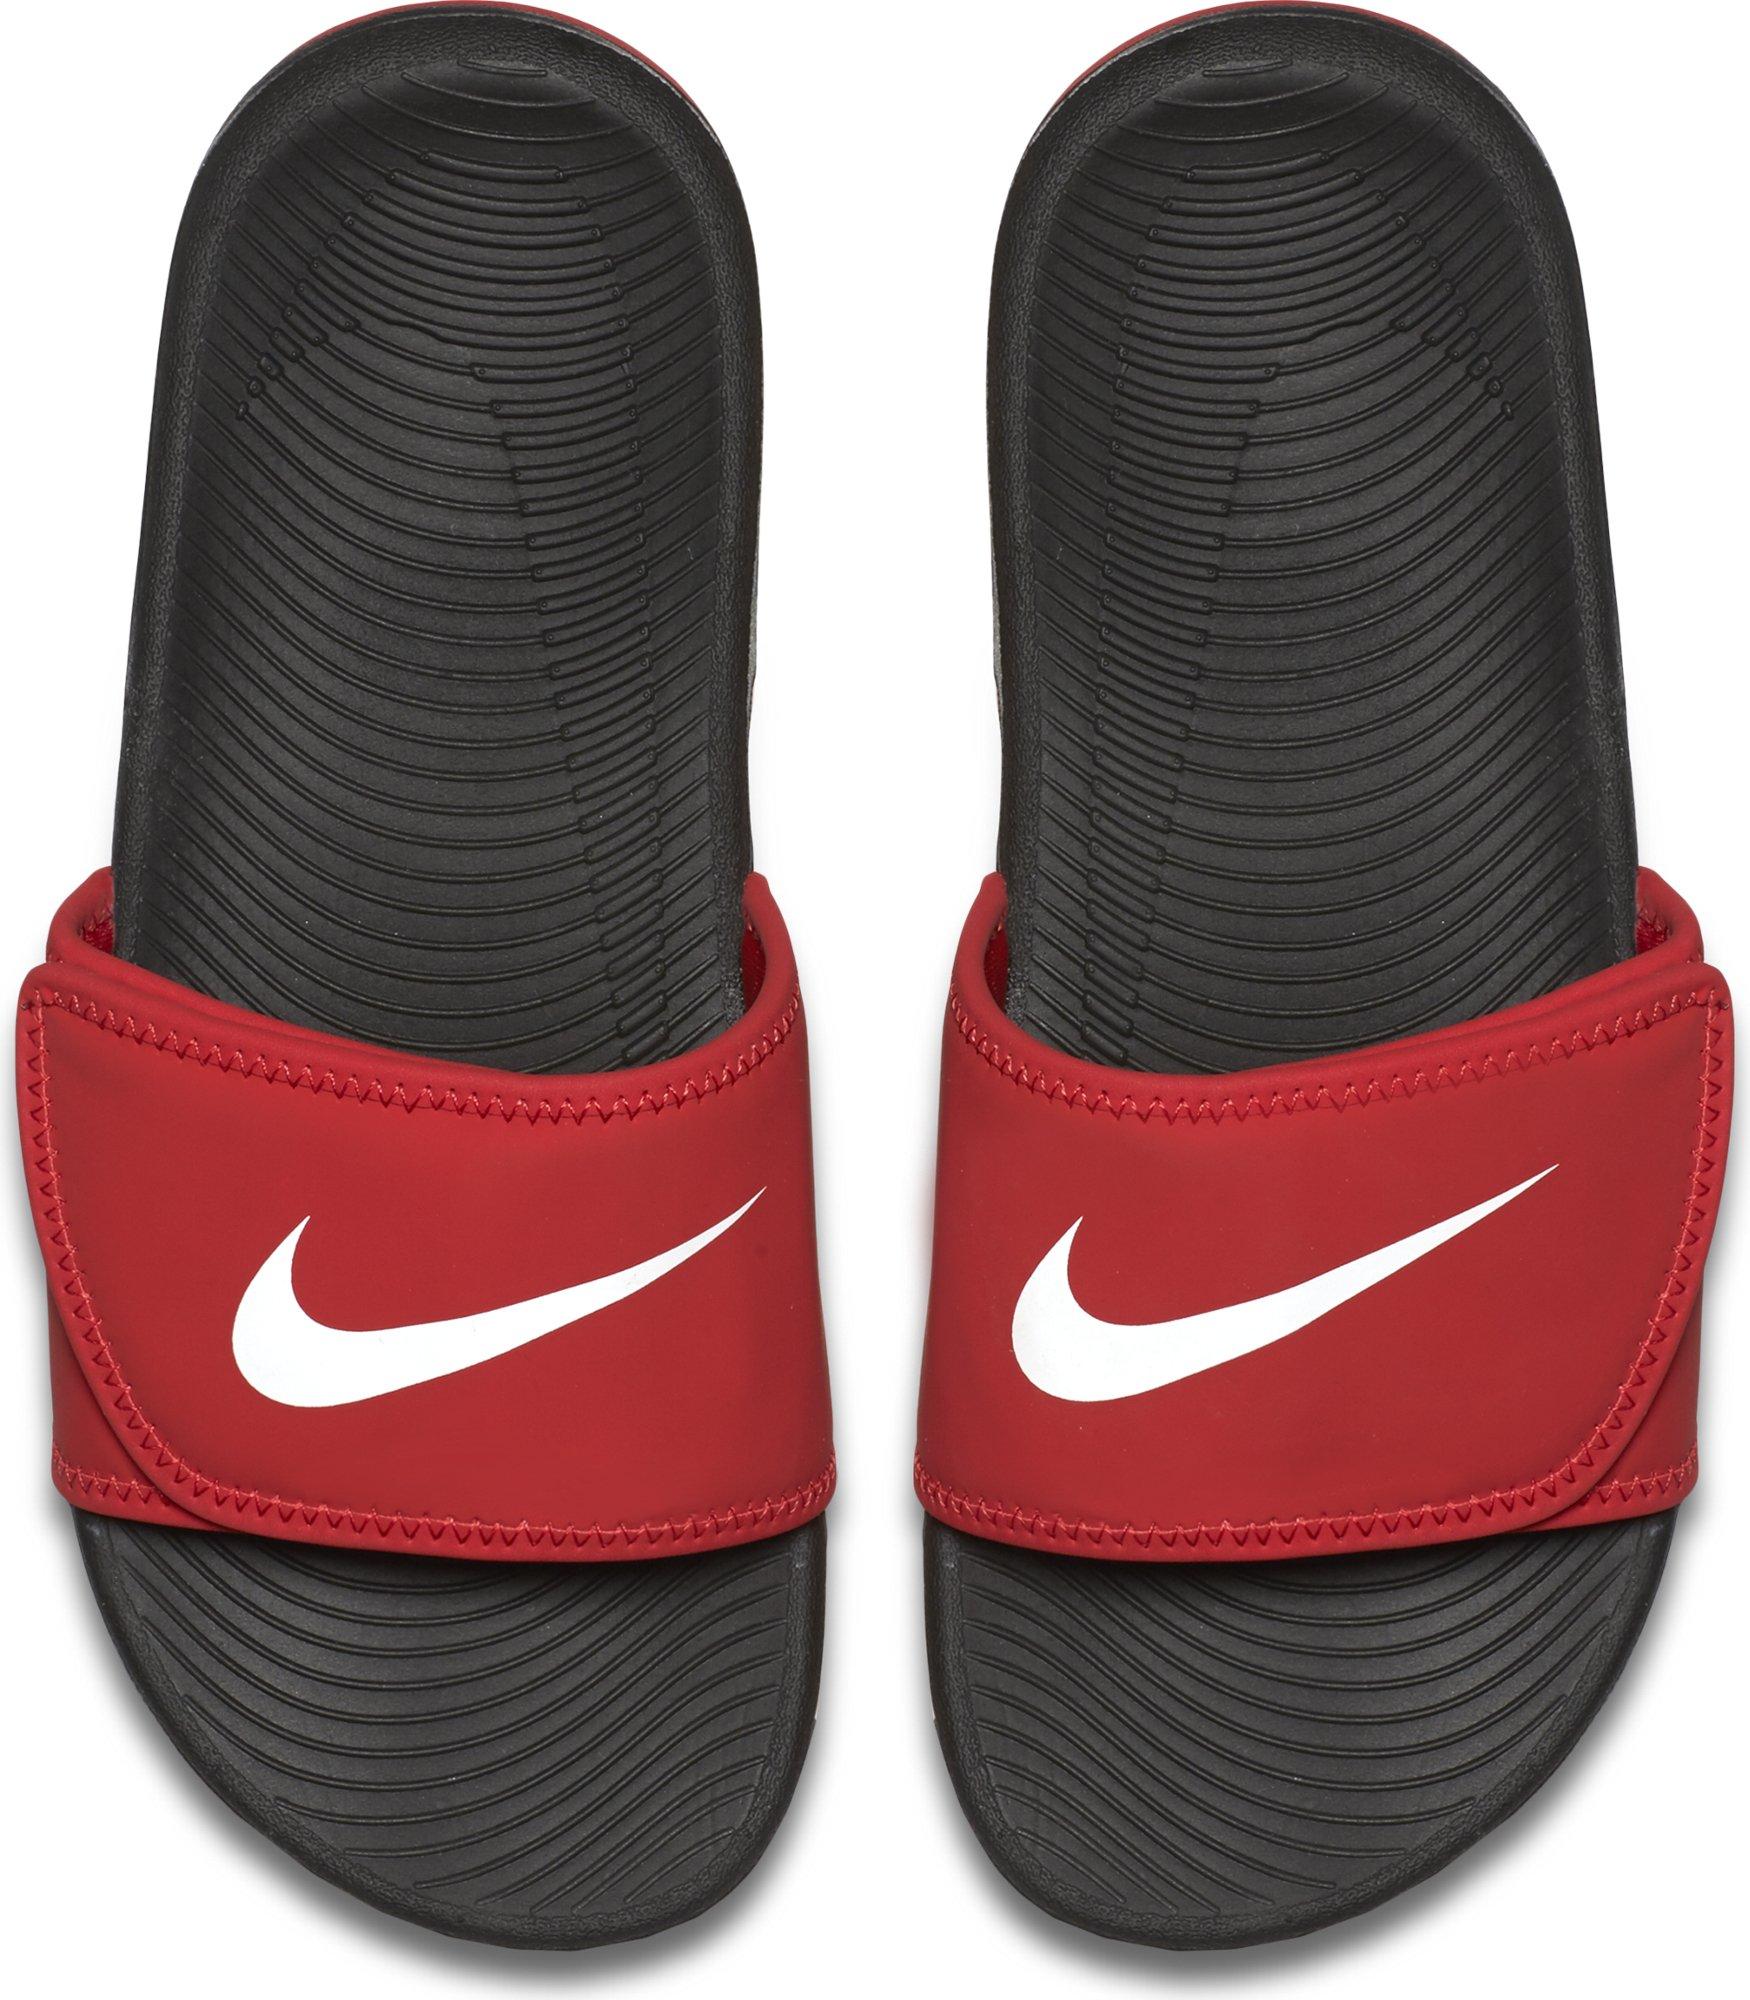 Nike Kawa Adjust (Gs/Ps) Big Kids Style: 819344-600 Size: 12